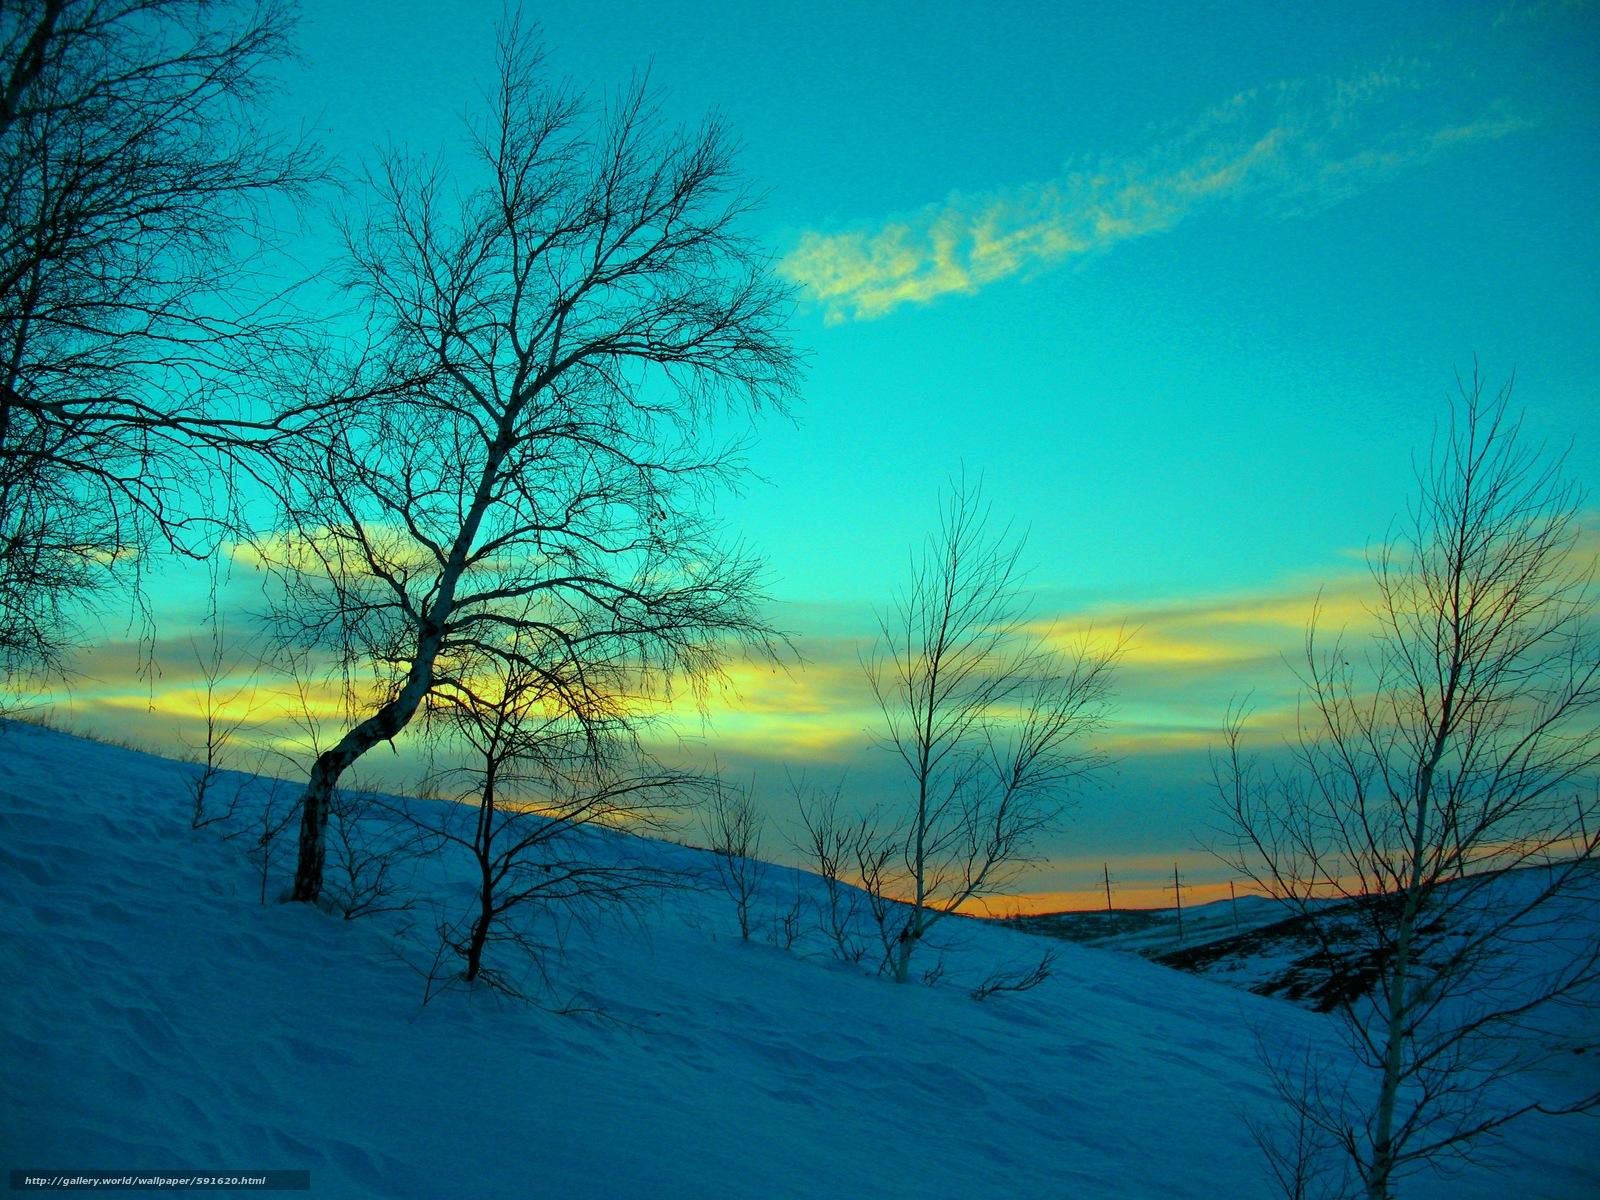 Скачать обои холод,  ностальгия,  вечер,  снег бесплатно для рабочего стола в разрешении 3264x2448 — картинка №591620